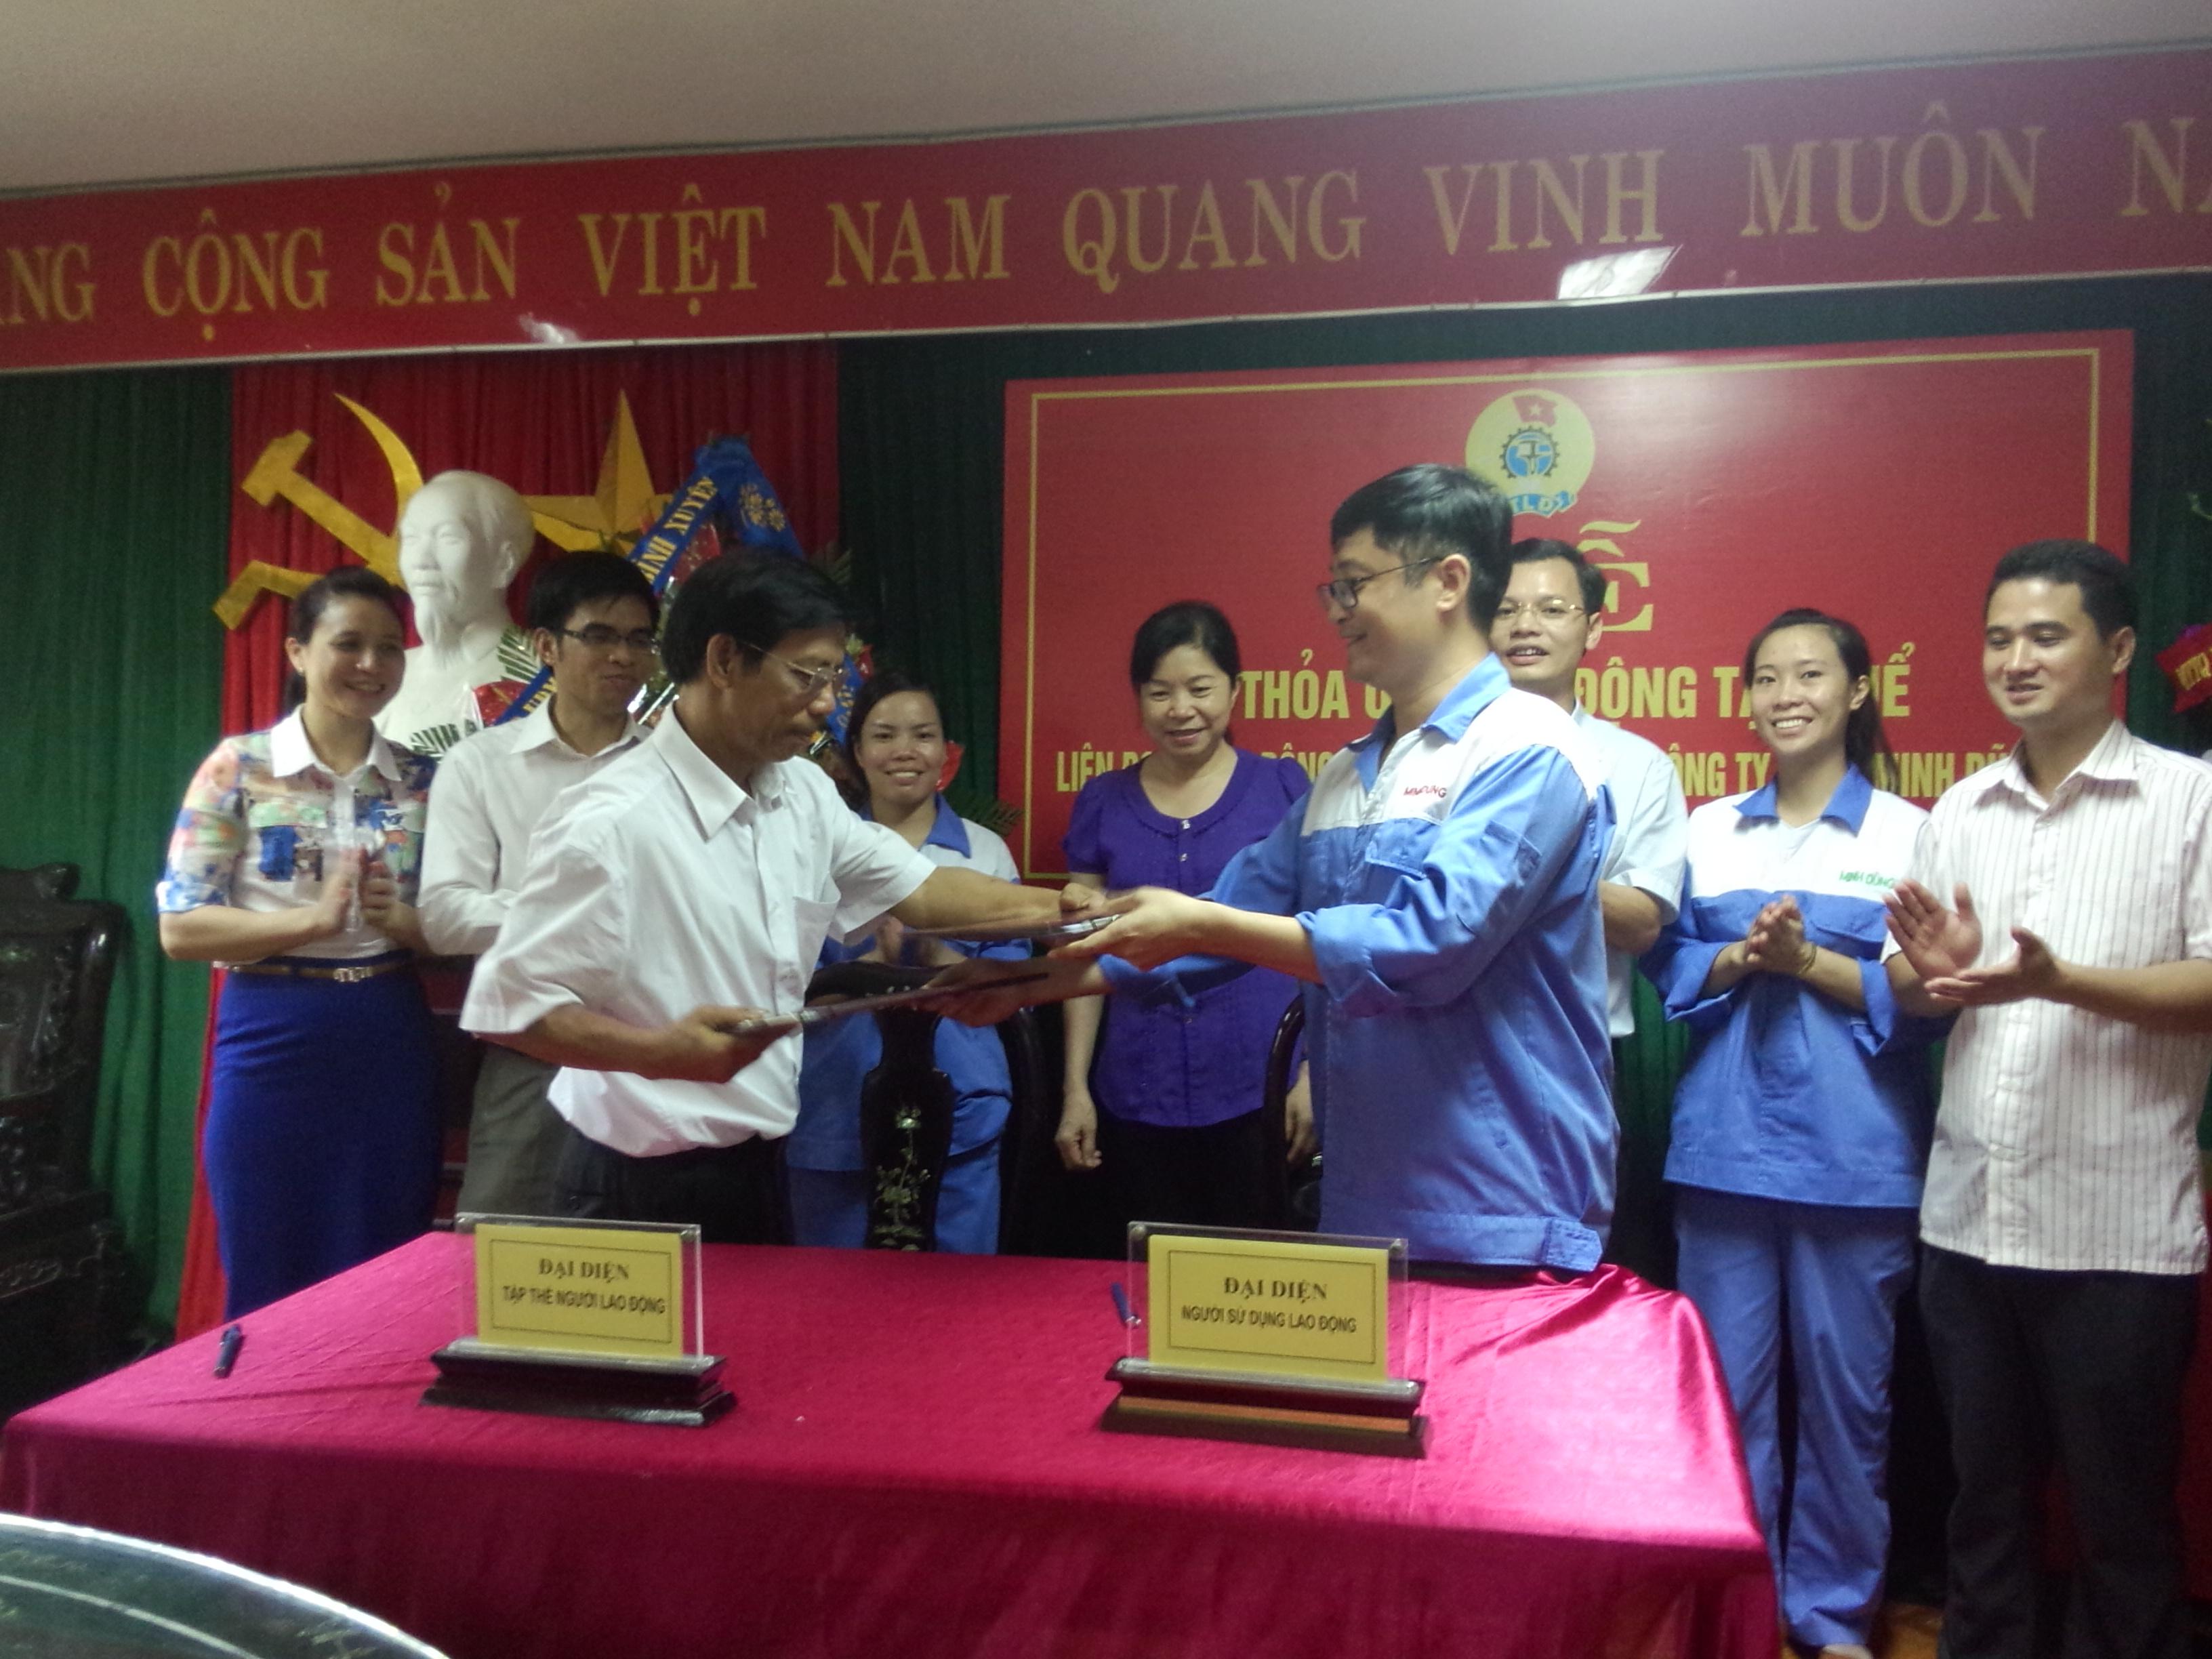 LĐLĐ huyện Bình Xuyên : Ký TƯLĐTT tại doanh nghiệp chưa có tổ chức công đoàn